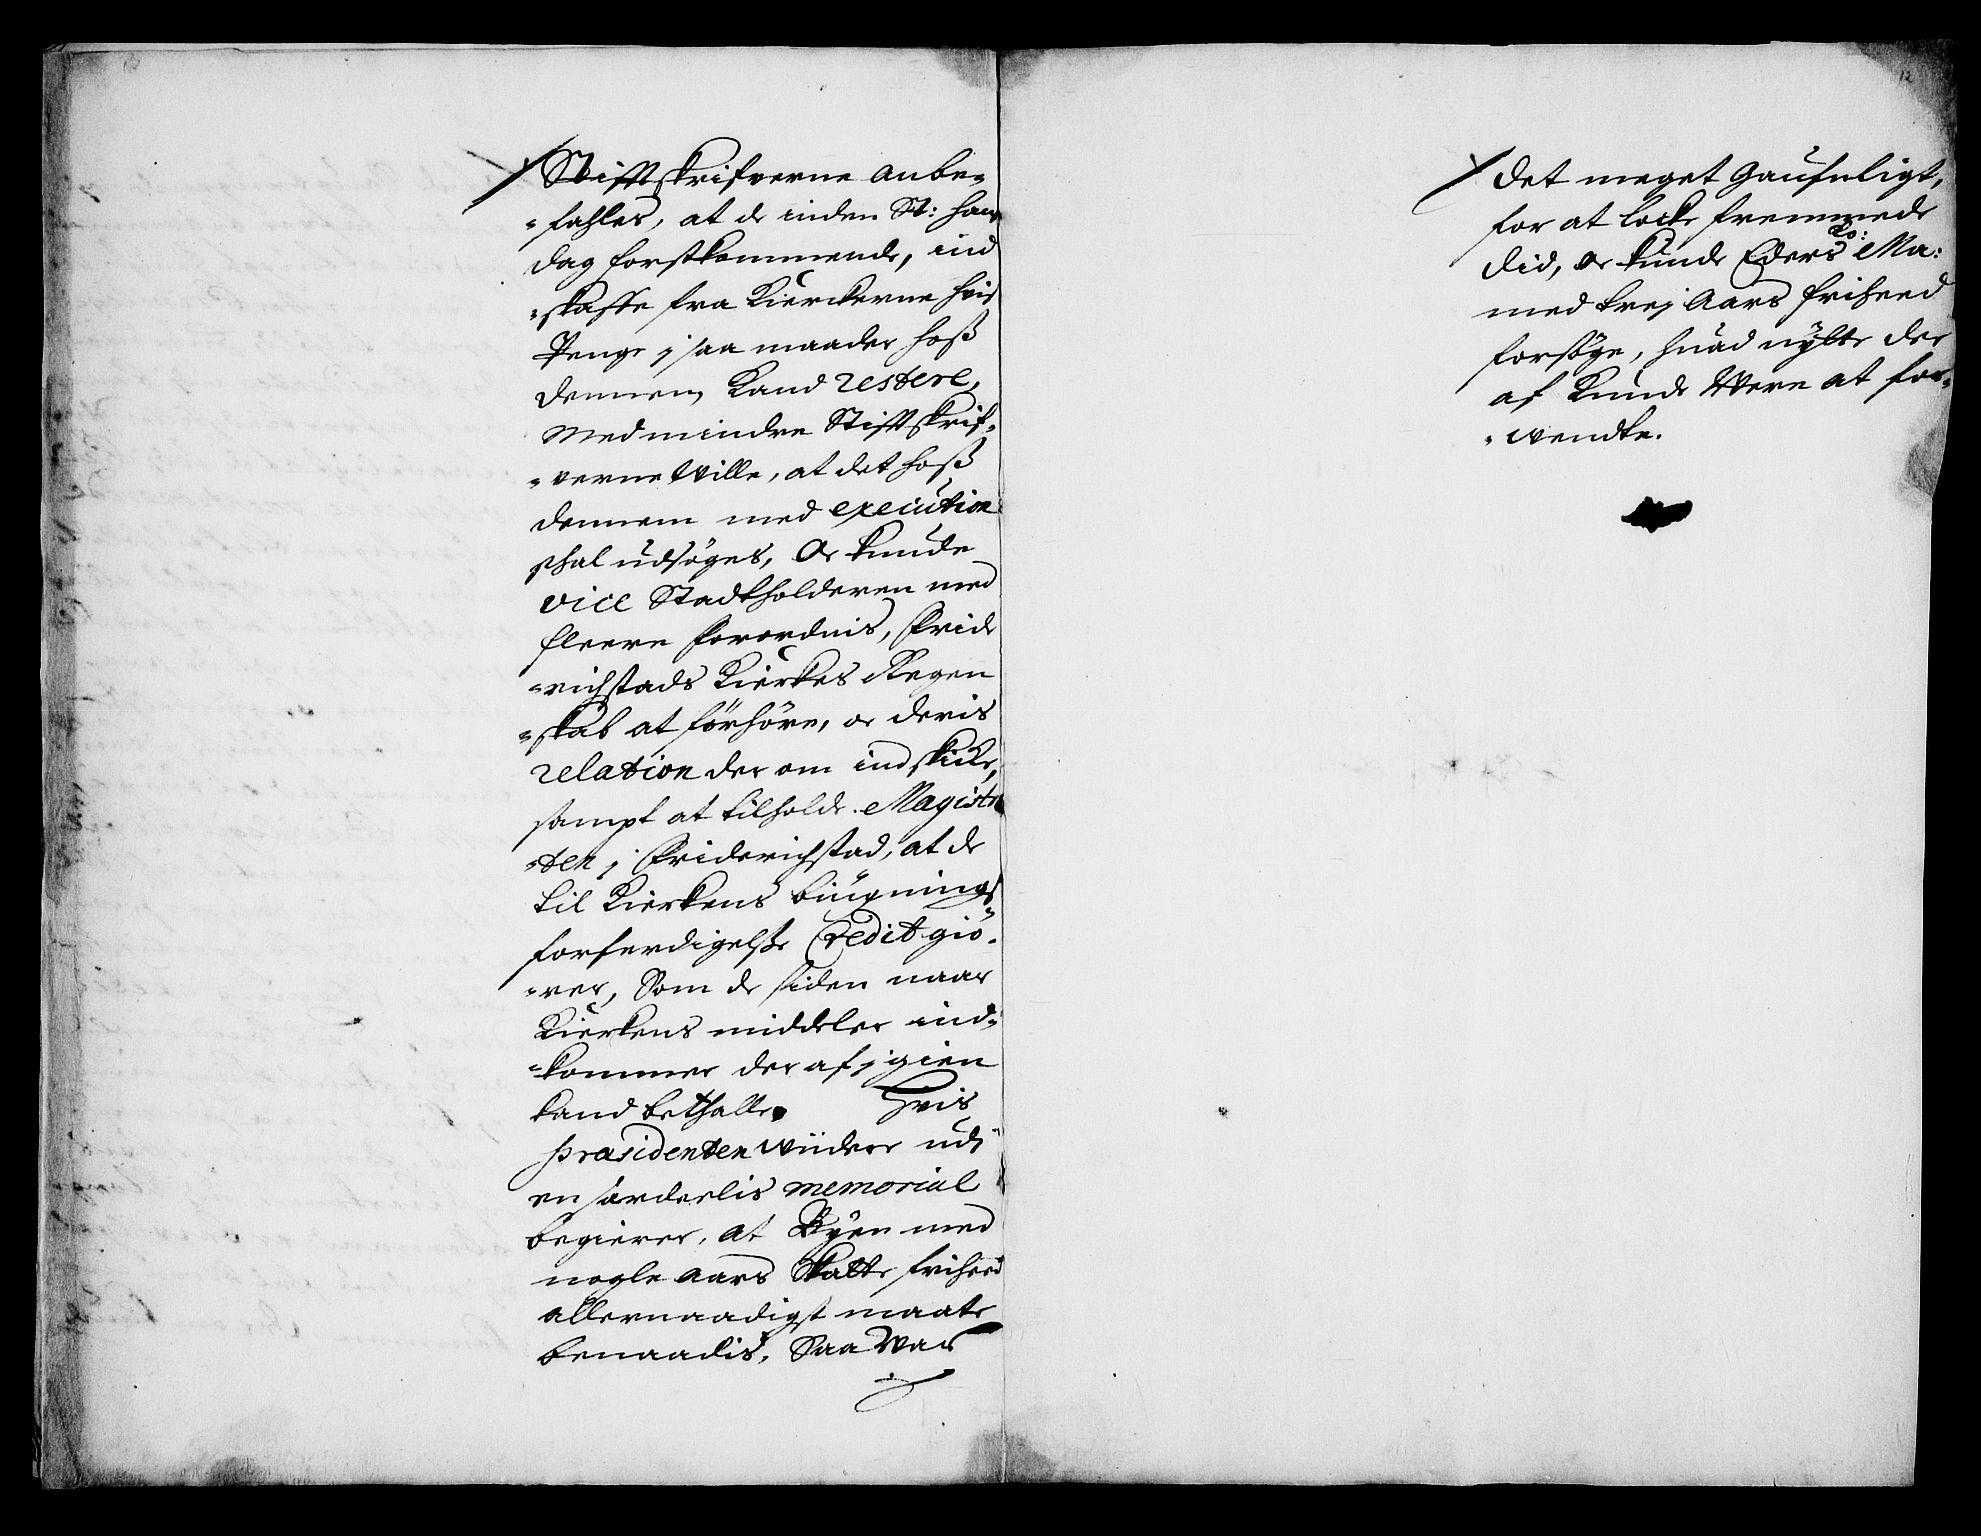 RA, Danske Kanselli, Skapsaker, G/L0019: Tillegg til skapsakene, 1616-1753, s. 46